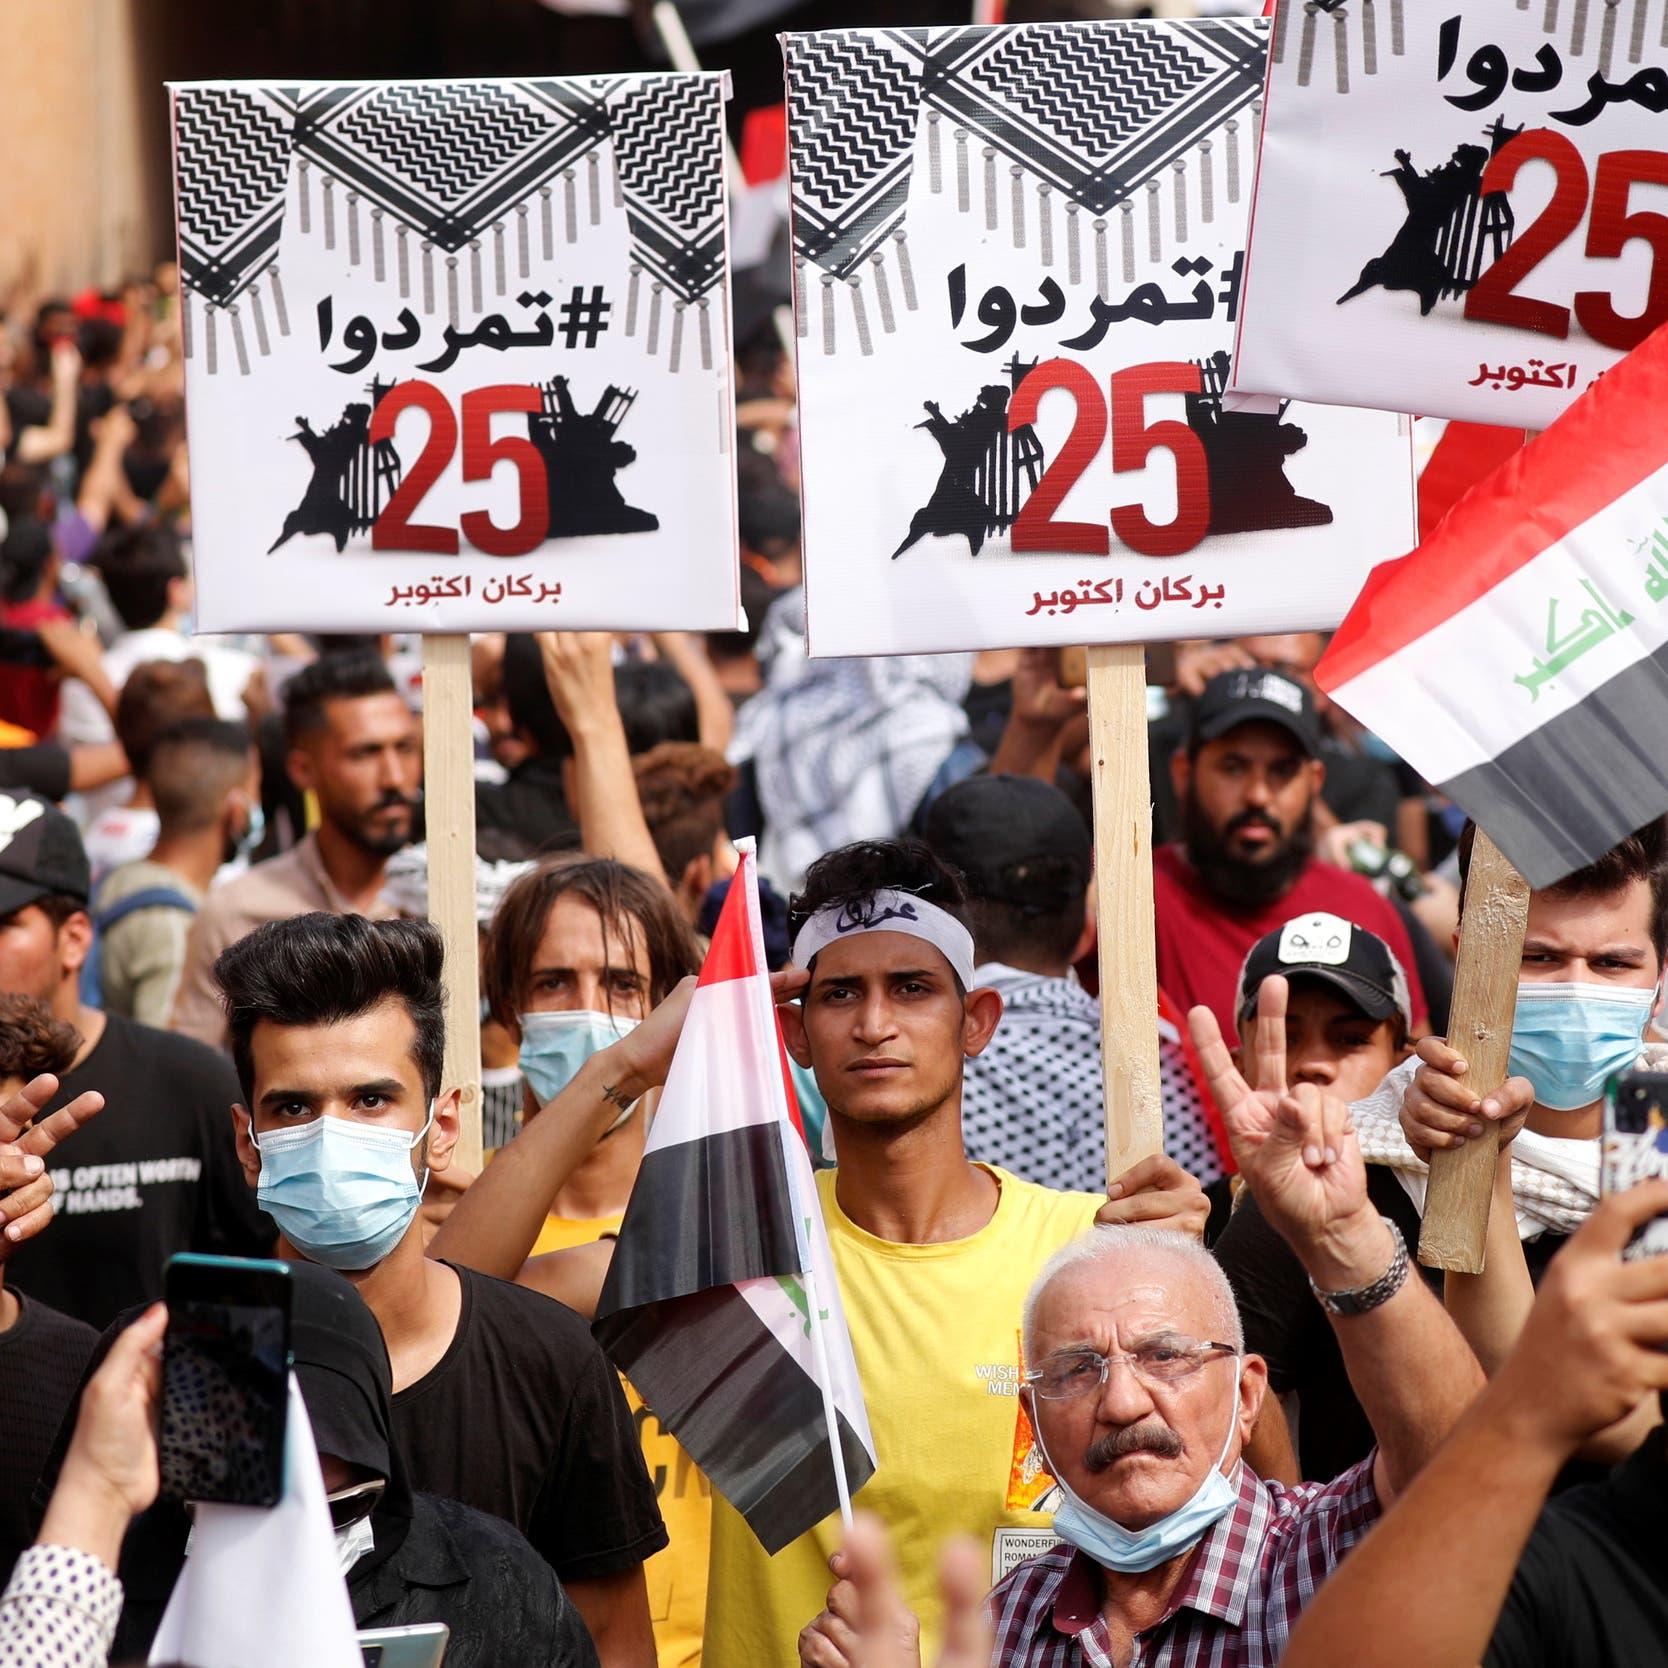 ذكرى الحراك في العراق تقطر دماً.. اشتباكات وسط بغداد